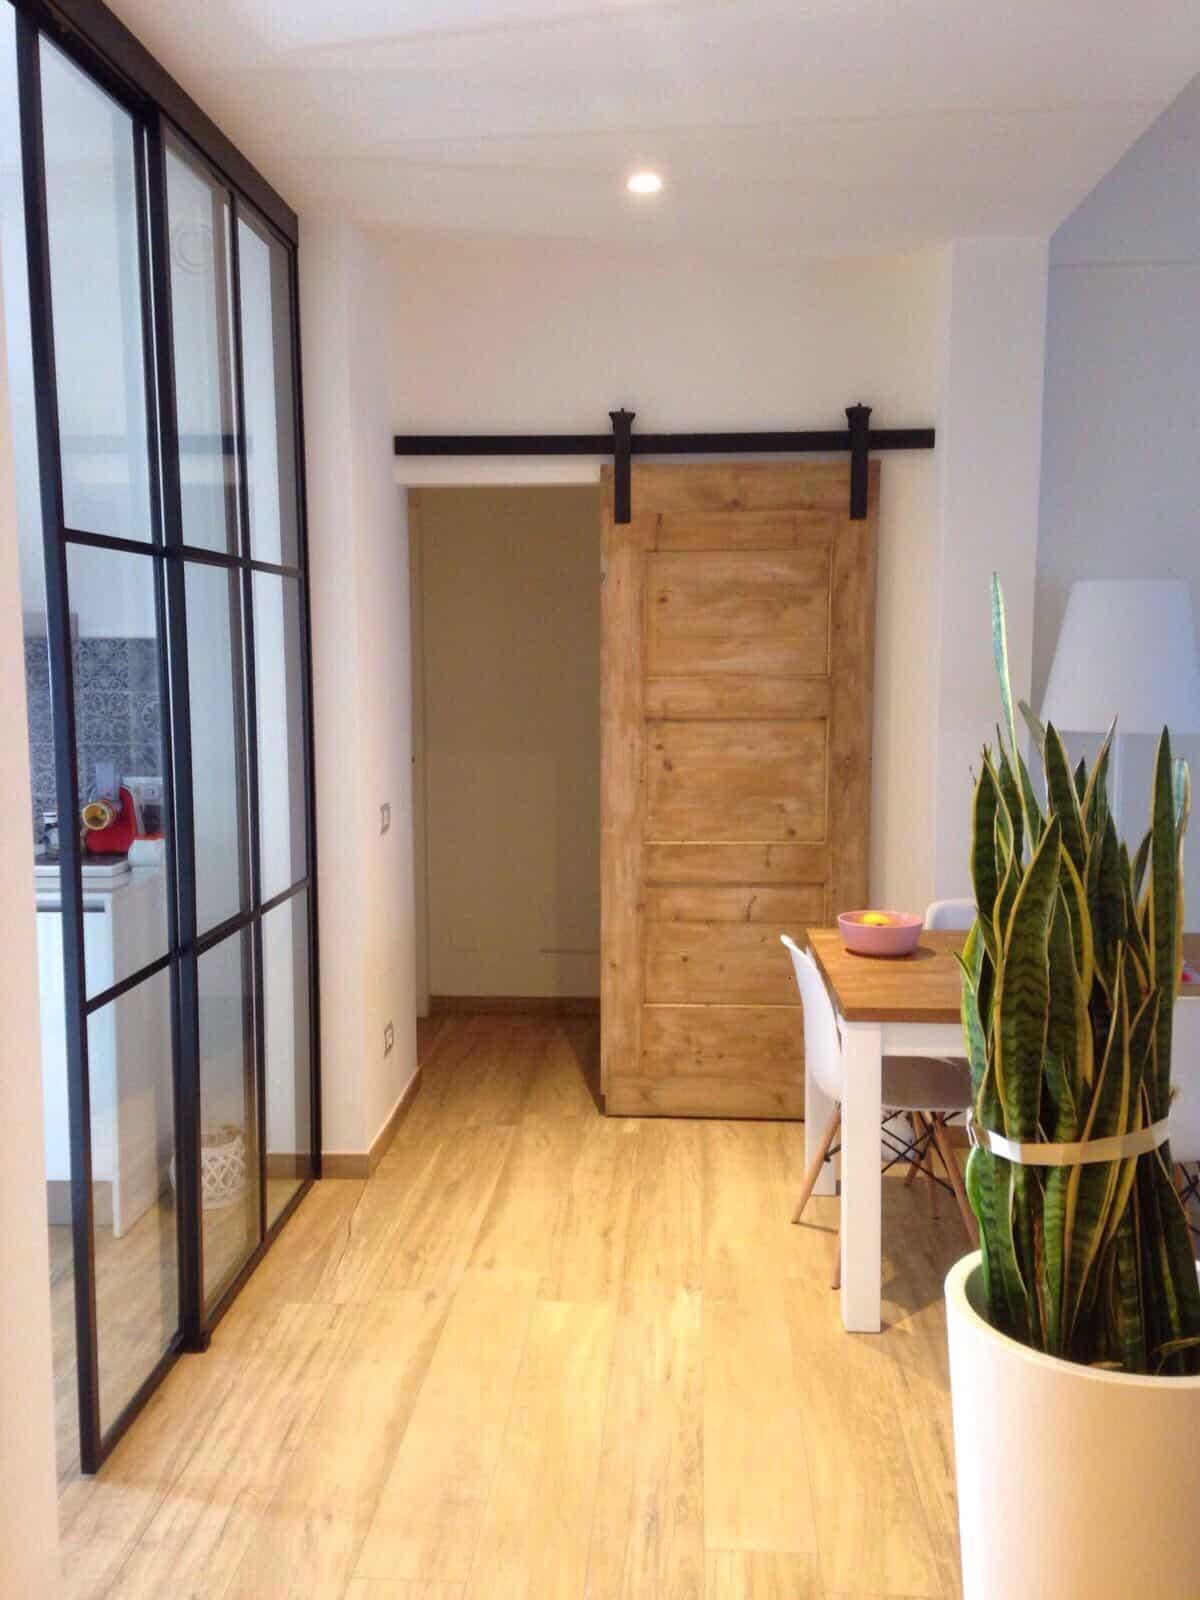 Porta Scorrevole Con Binario Esterno appartamento industriale con porta scorrevole esterno muro